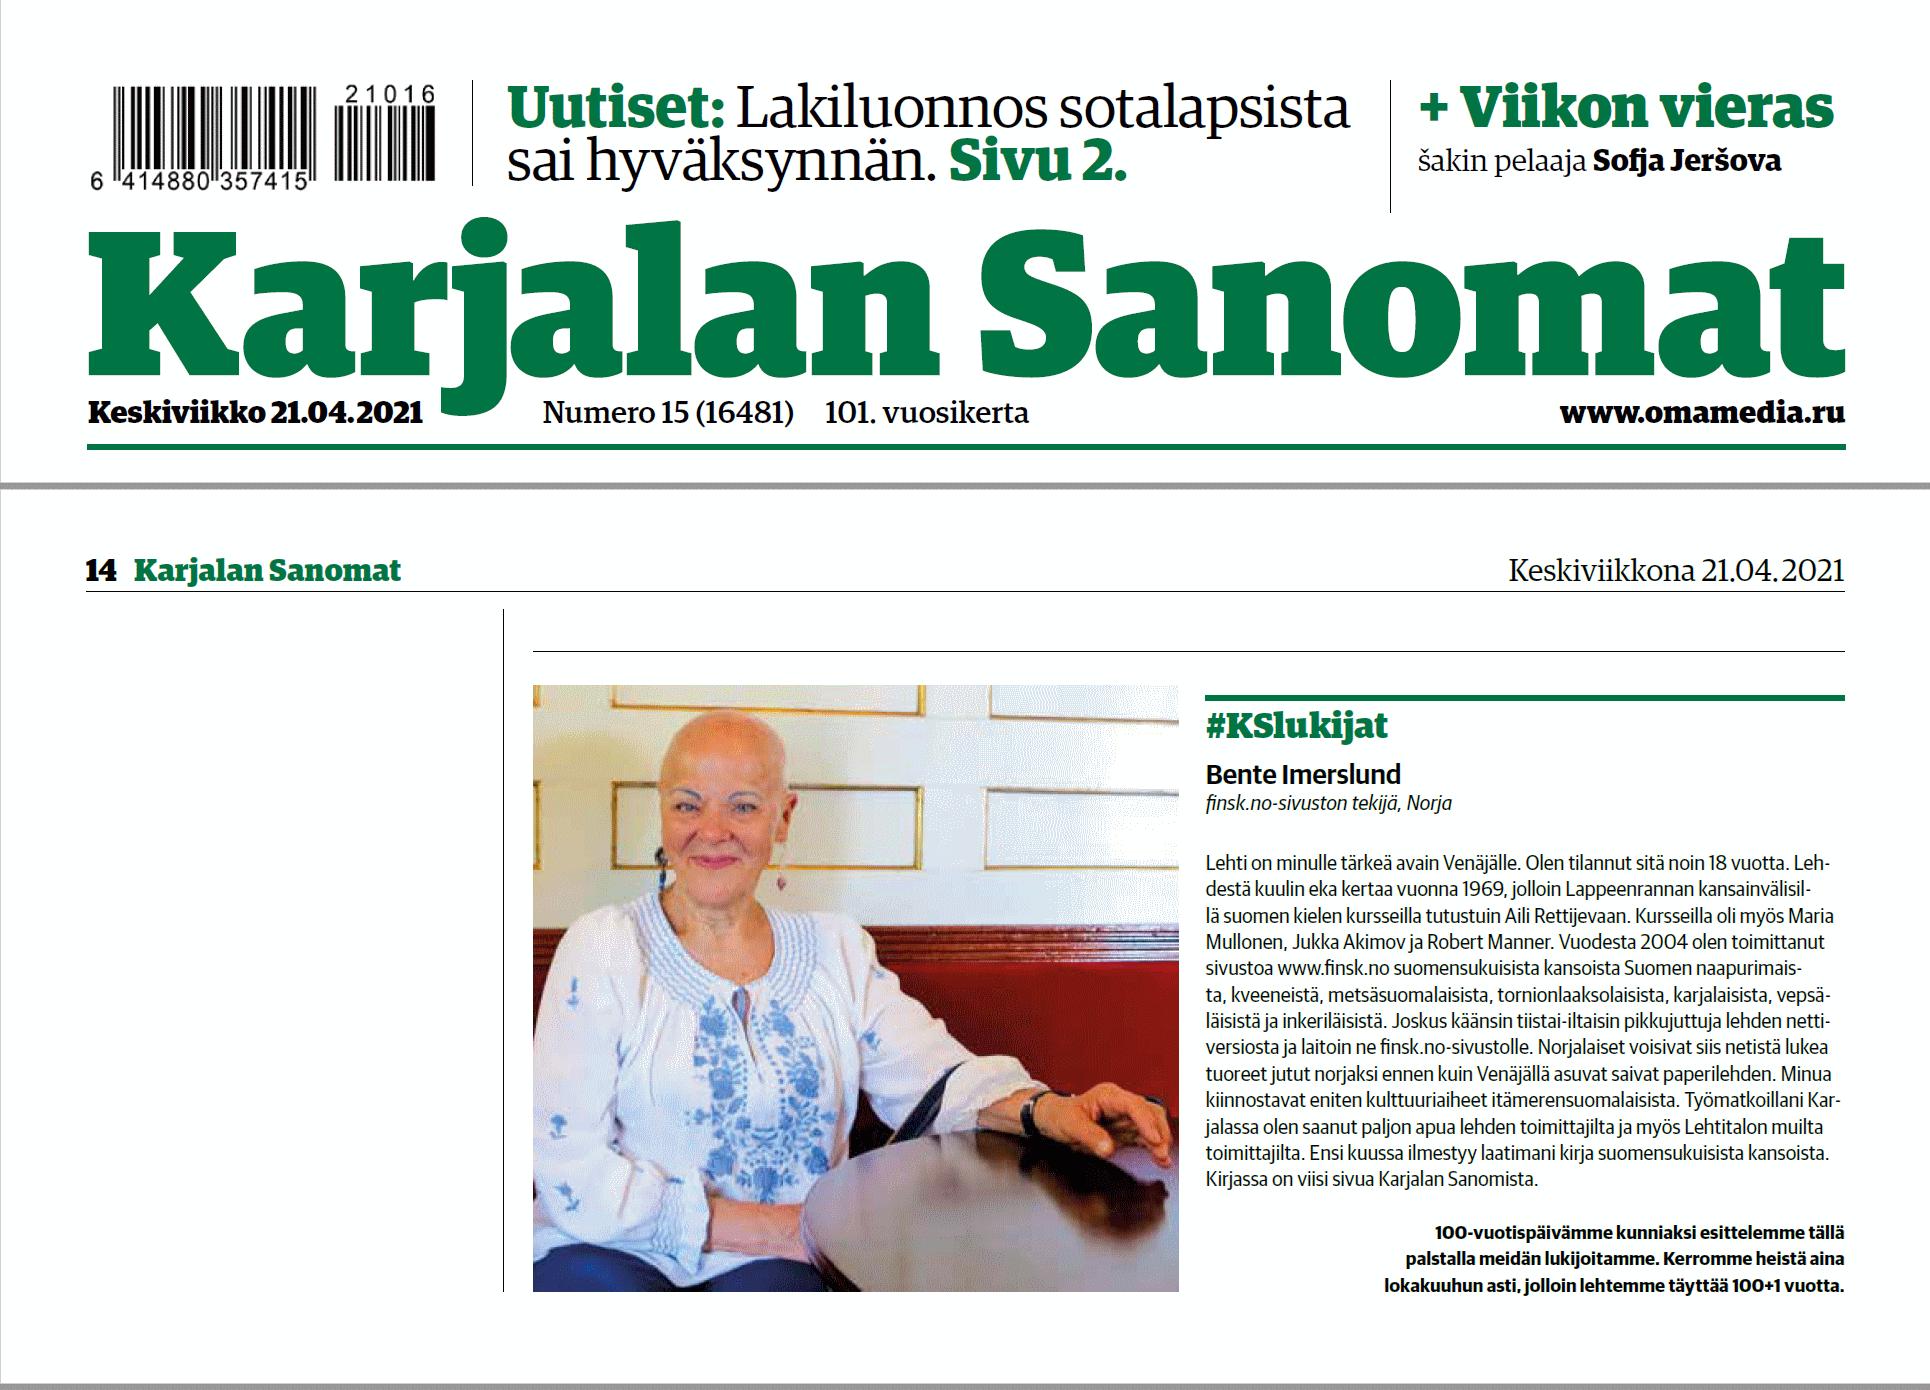 Karjalan Sanomat Bente Imerslund